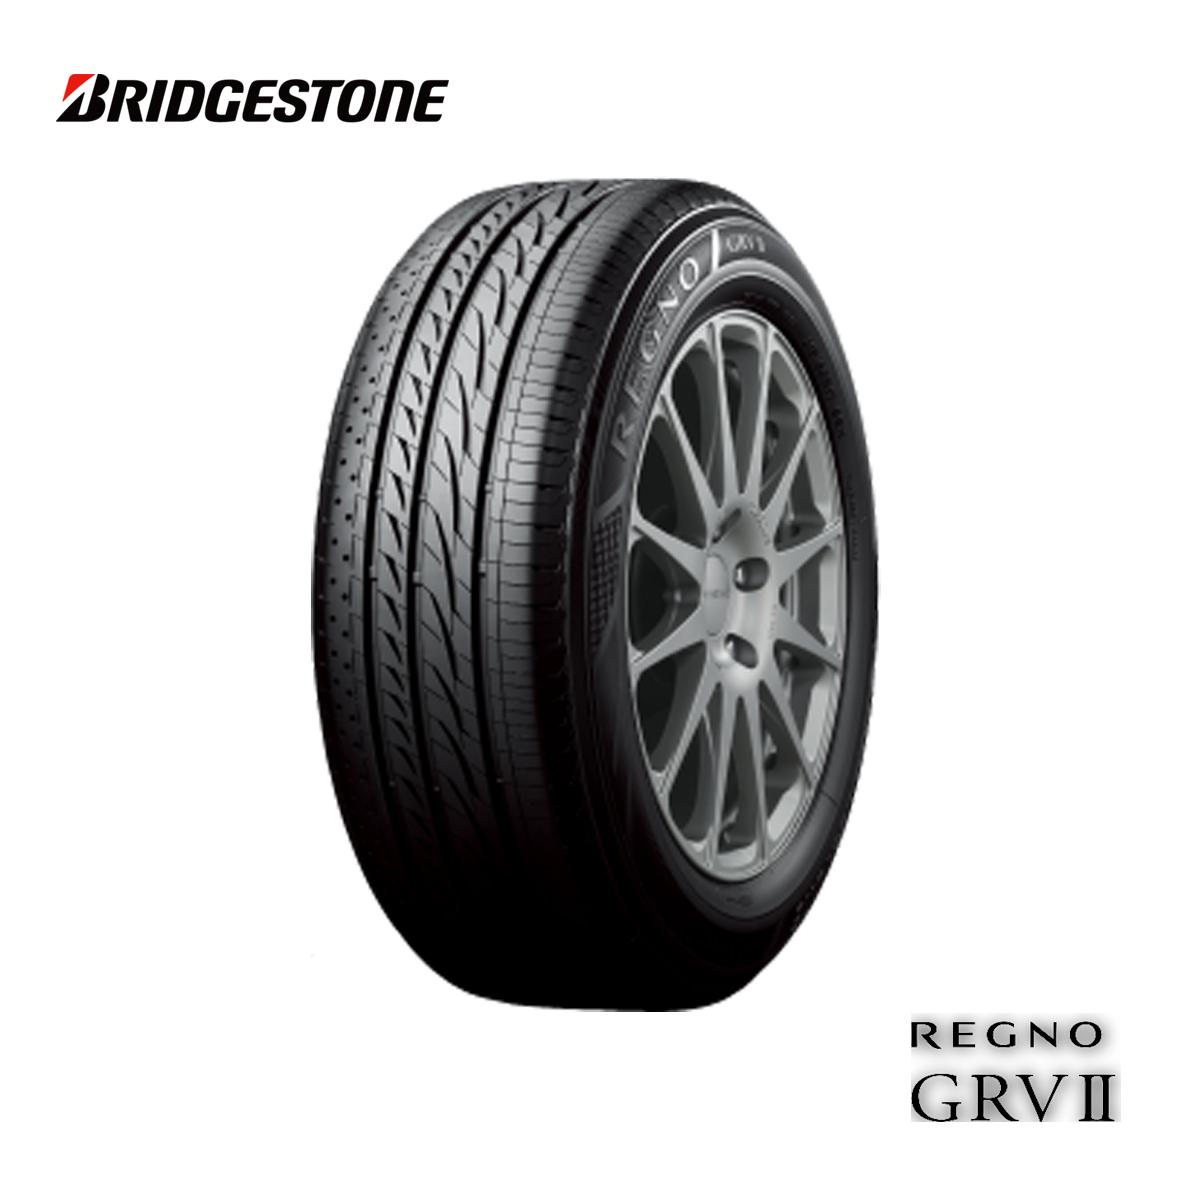 ブリヂストン BS 17インチ タイヤ 215/55R17 215 55 17 レグノ サマータイヤ 1本 低燃費 エコ 夏 サマー タイヤ BRIDGESTONE REGNO GRVII GRV2